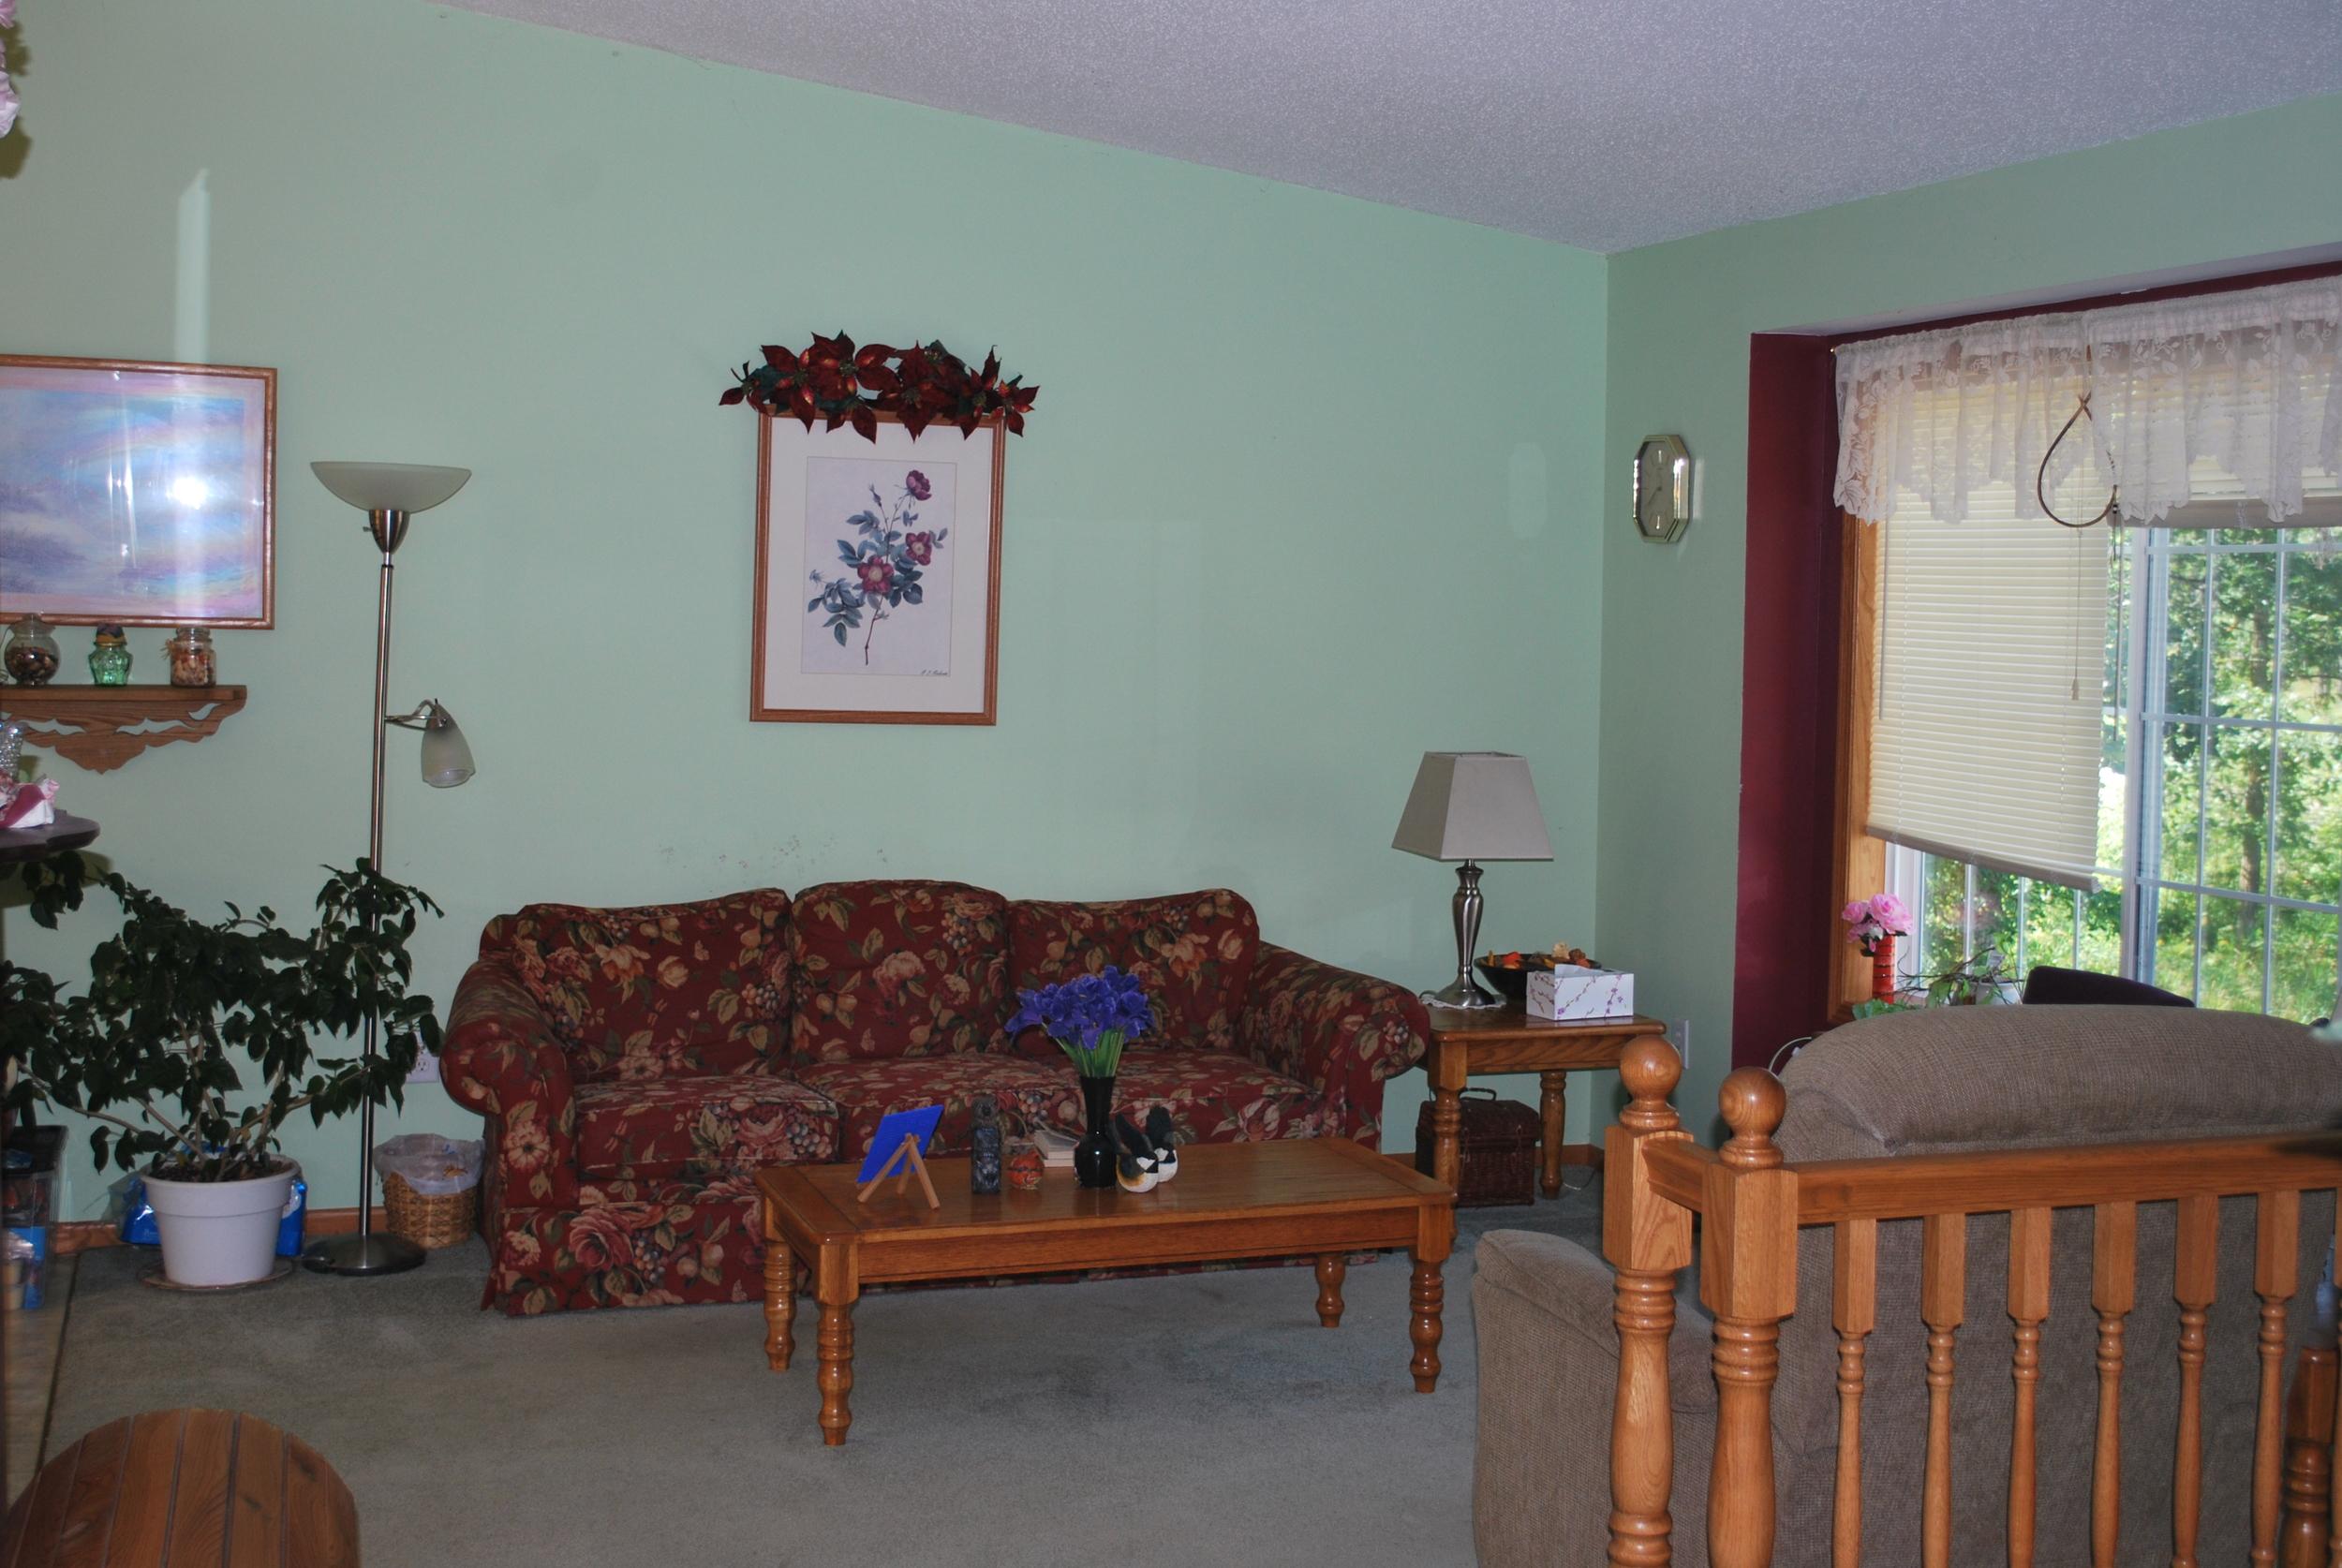 Living / Family Room - Briar Rose (AFC)